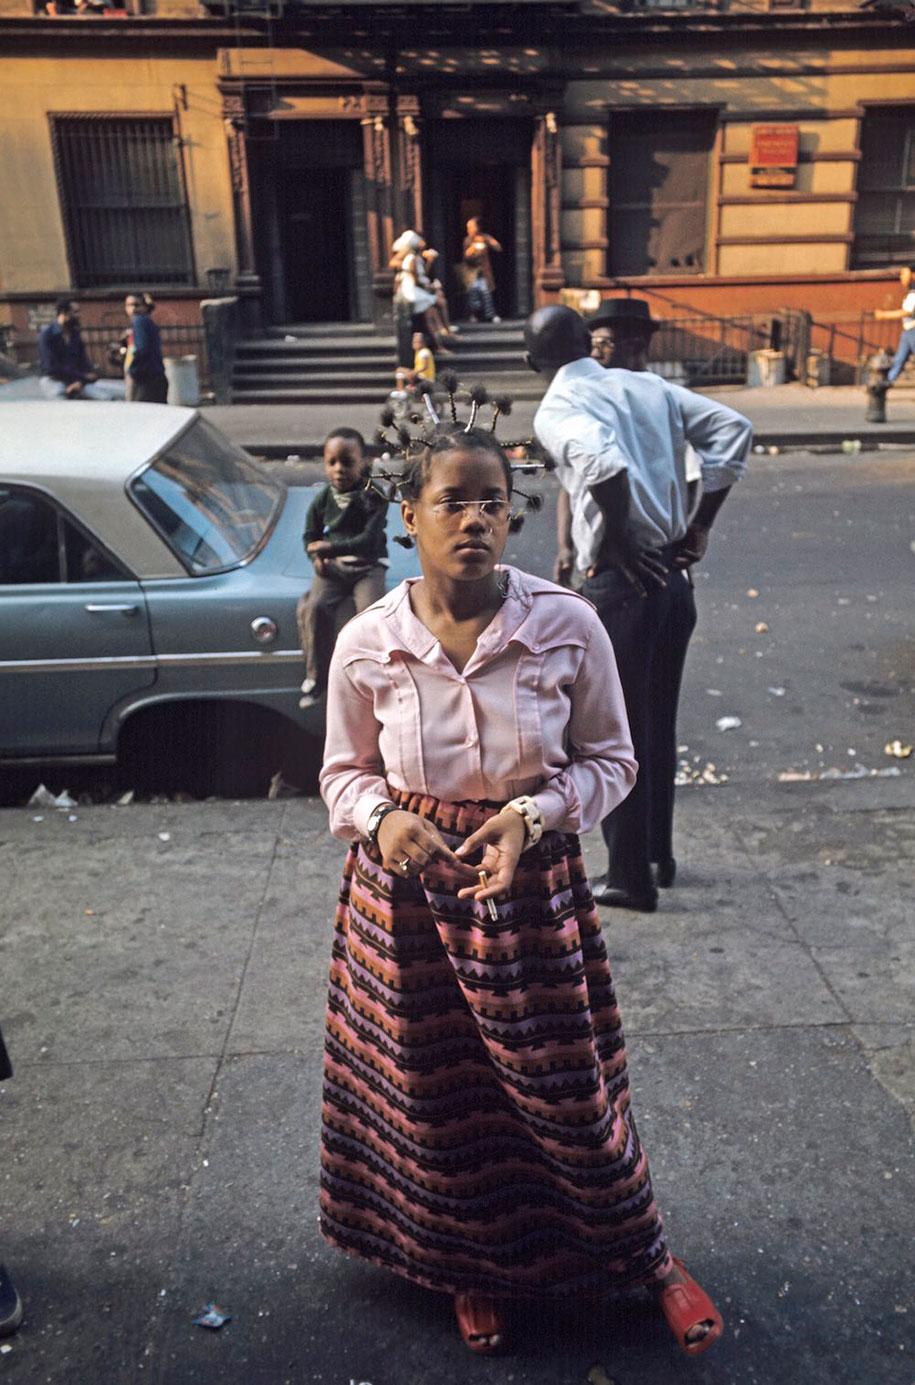 people-living-harlem-ghetto-july-1970-jack-garofalo-15